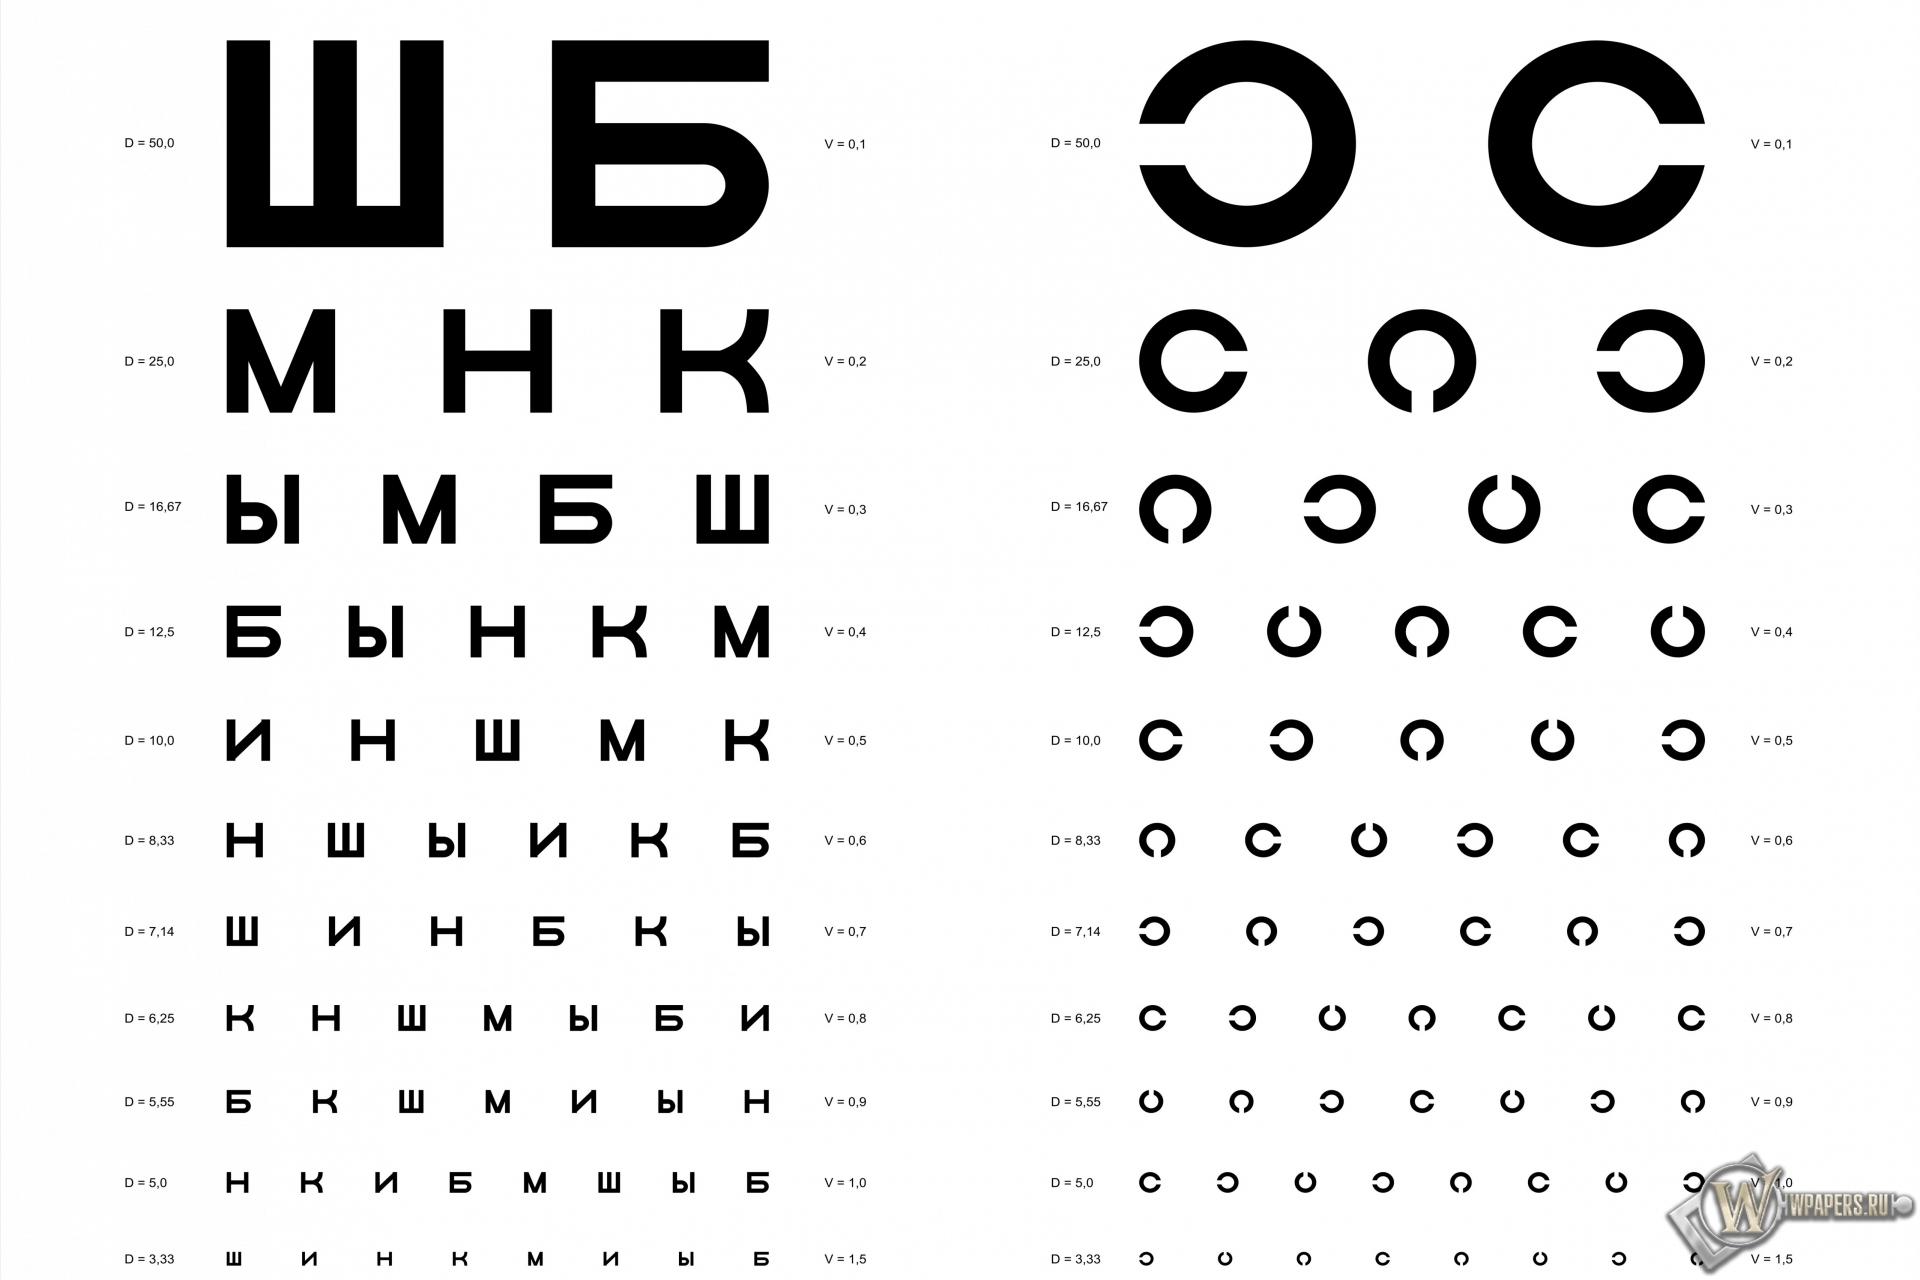 Таблица Д.А. Сивцева для проверки зрения 1920x1280